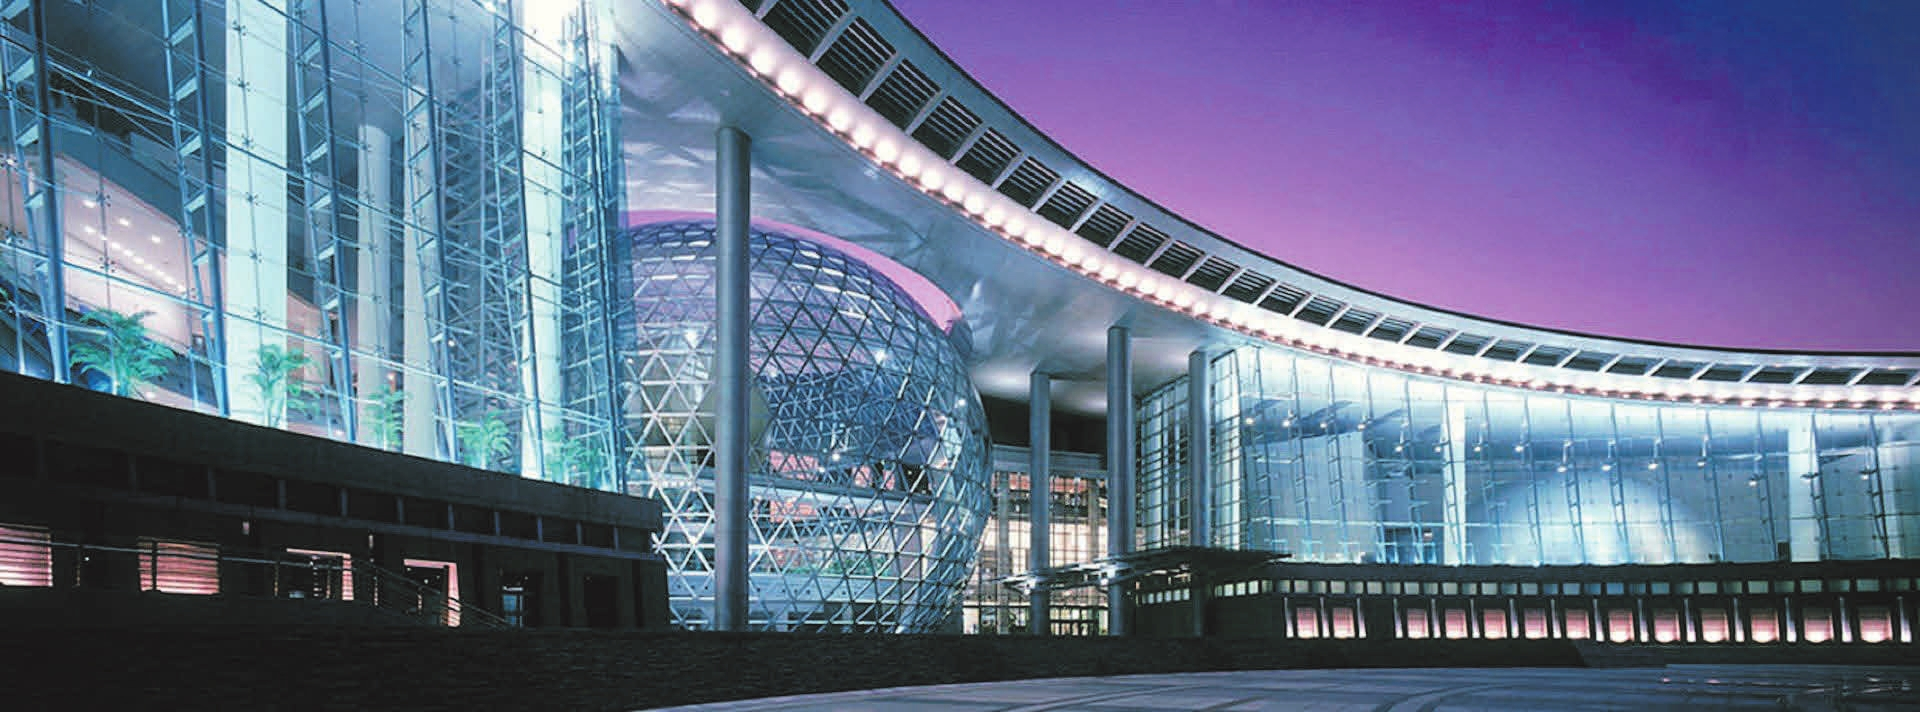 Музей науки и технологий в Шанхае. Источник: Arcadis